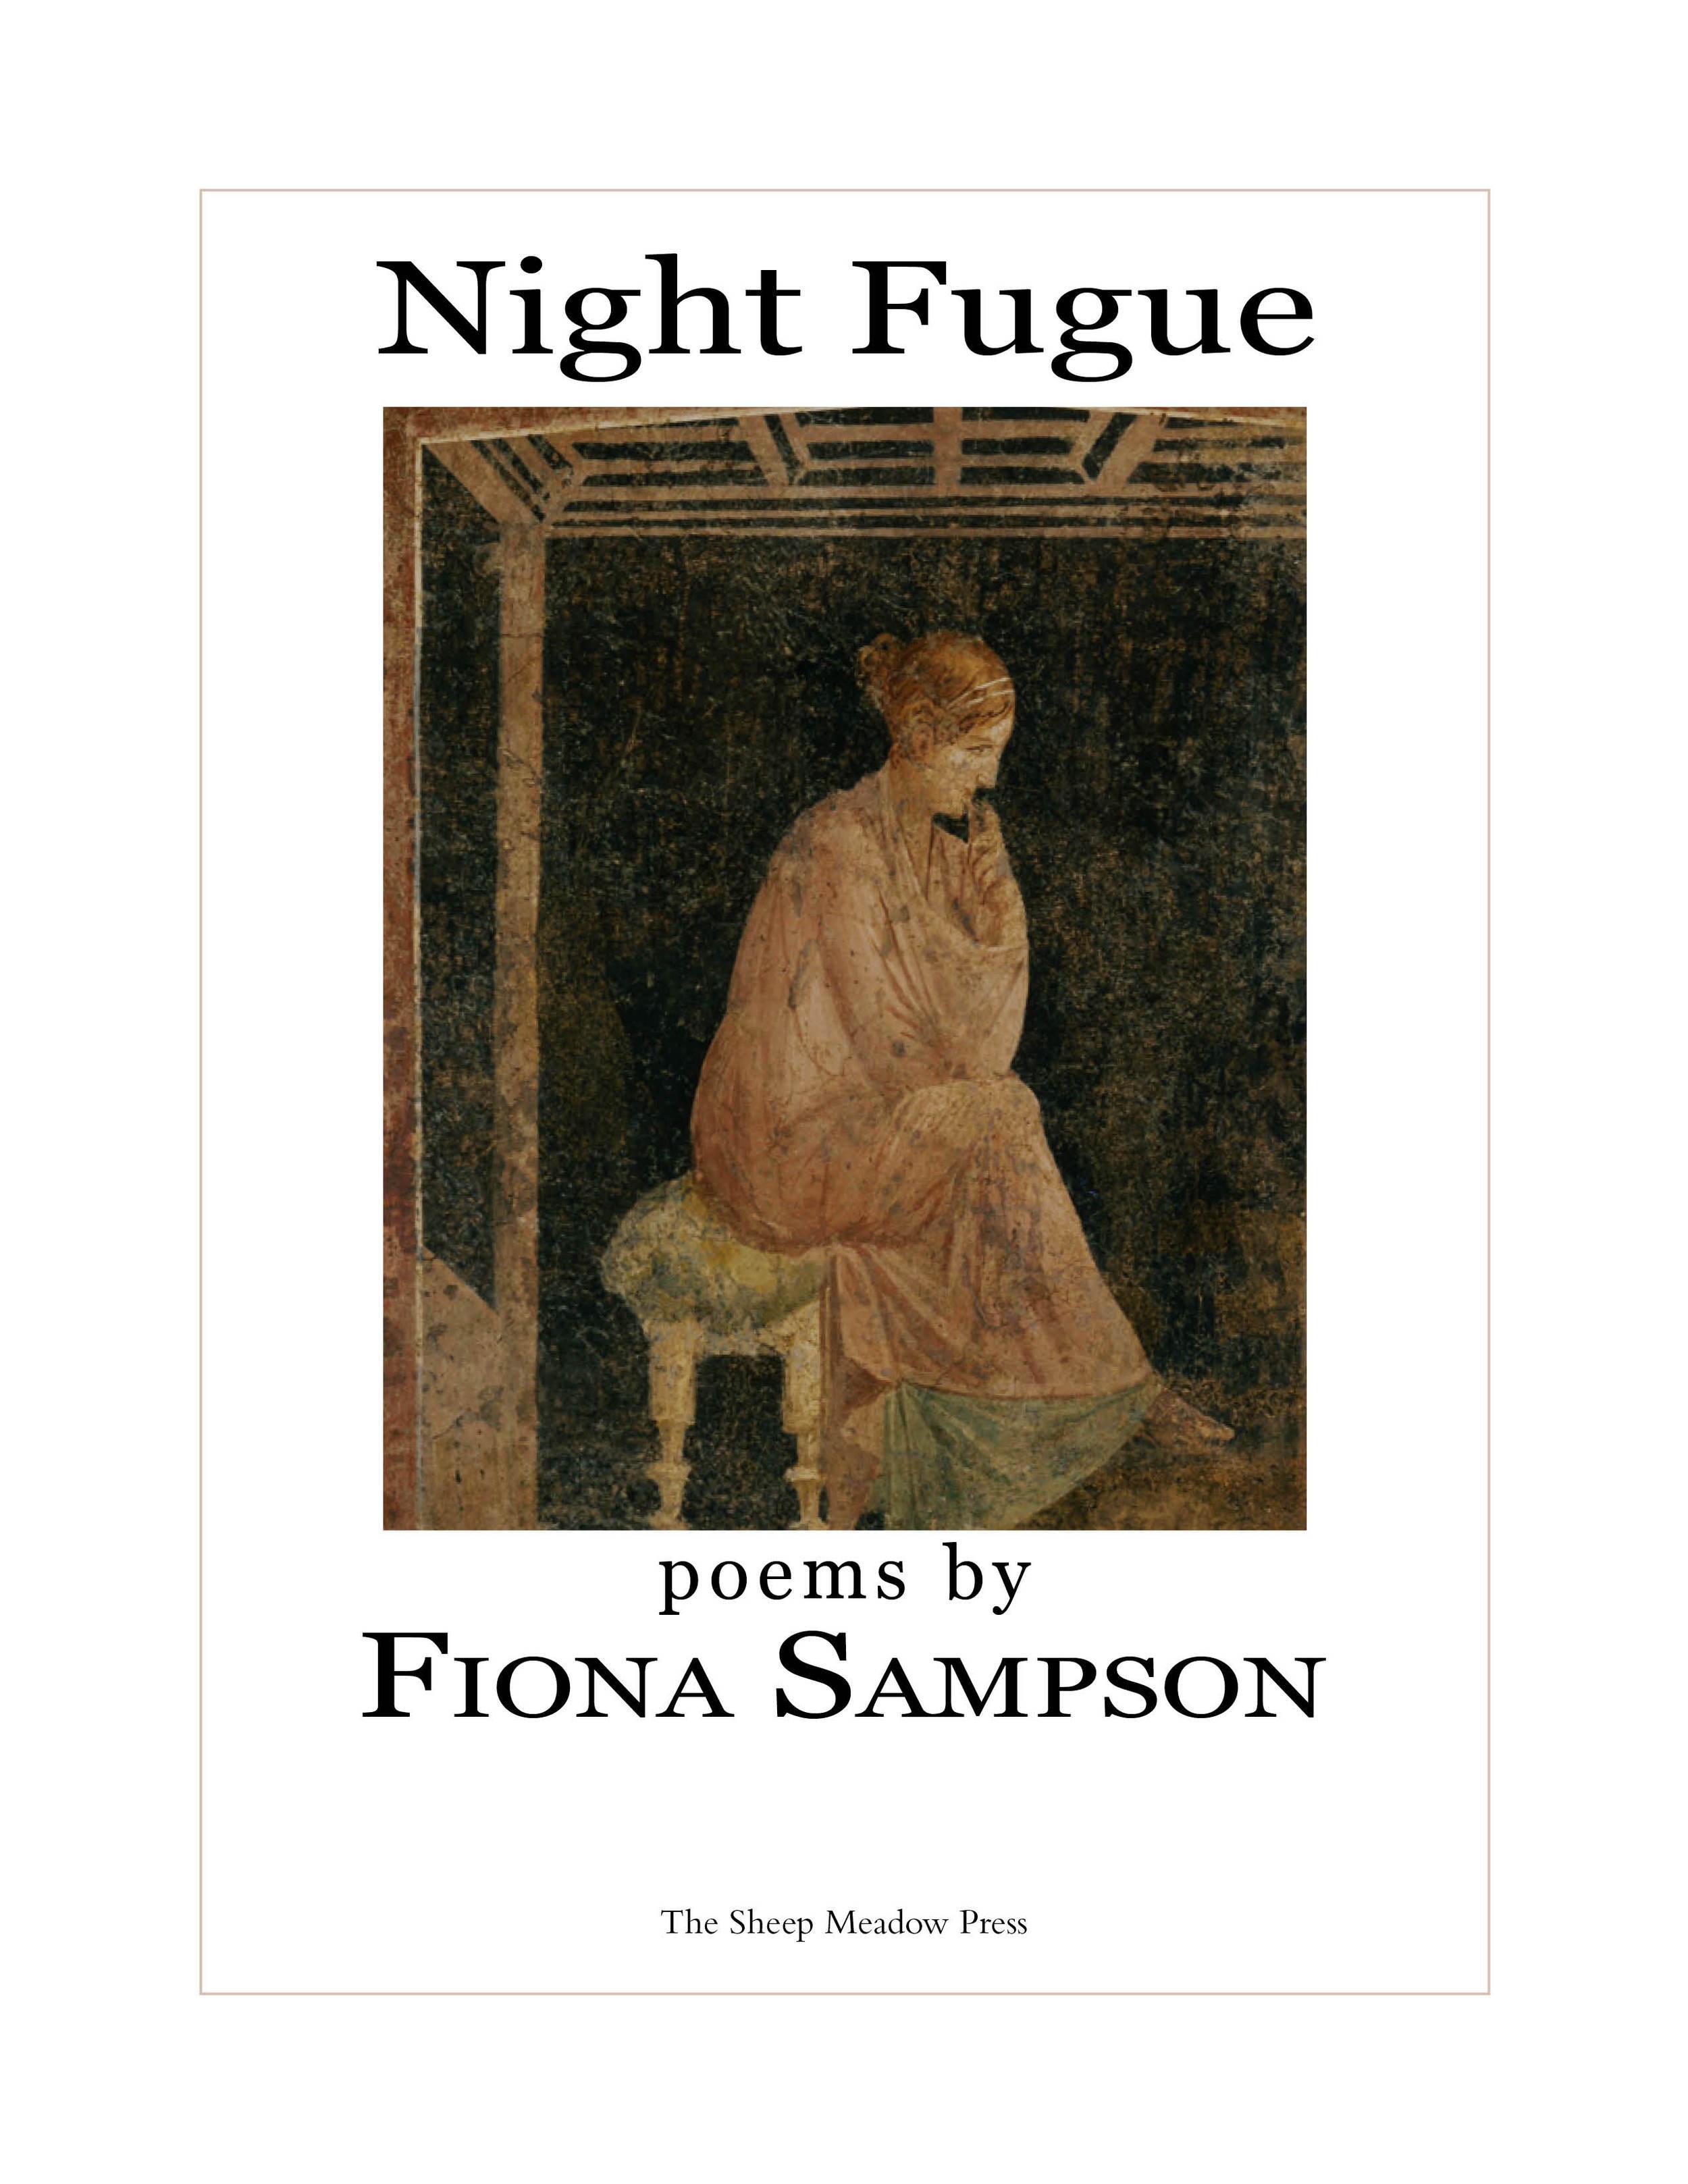 Night Fugue_Cover_FINAL.jpg